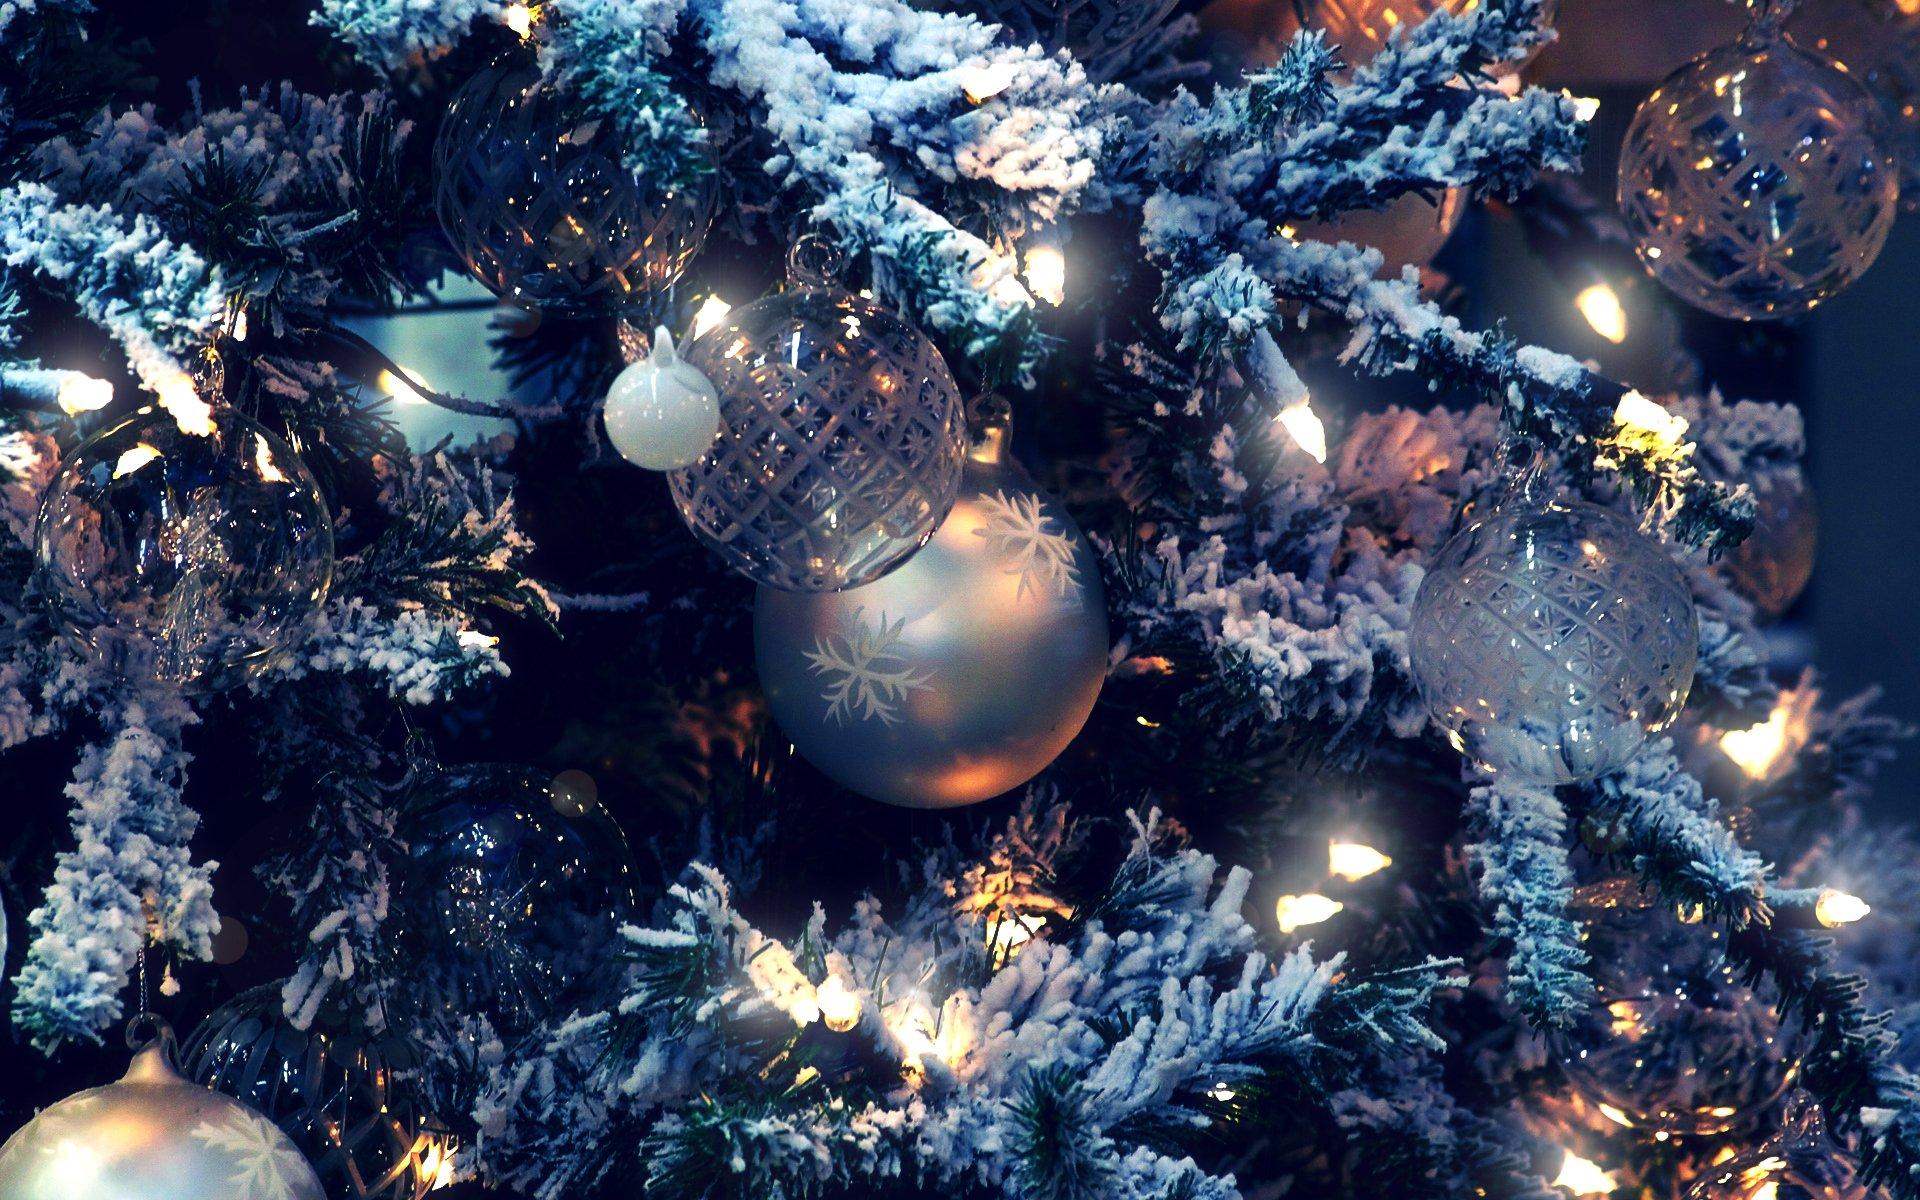 Новый год фото красивые на телефон, сделать музыкальную открытку